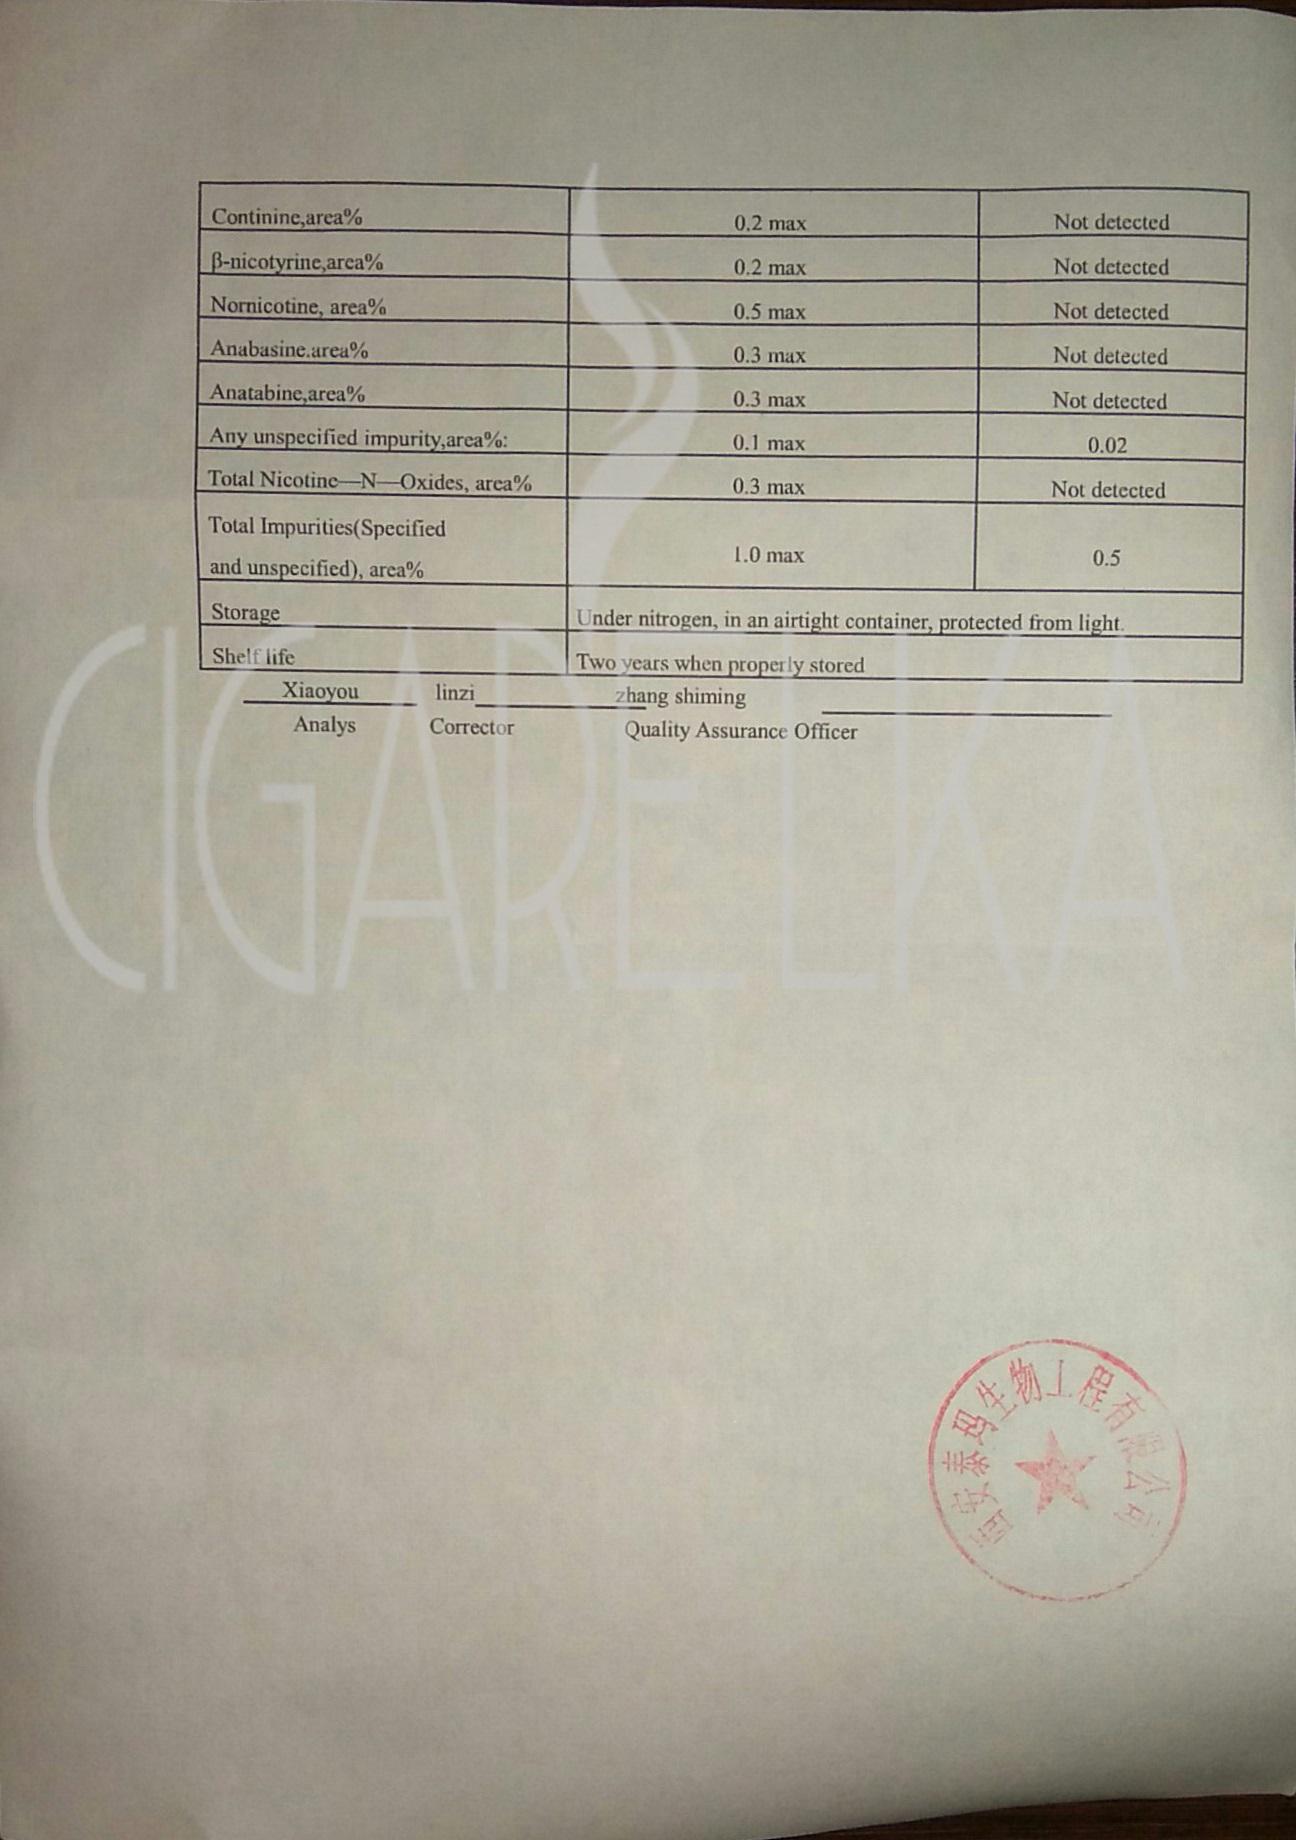 сертификат на ароматизатор ксиан